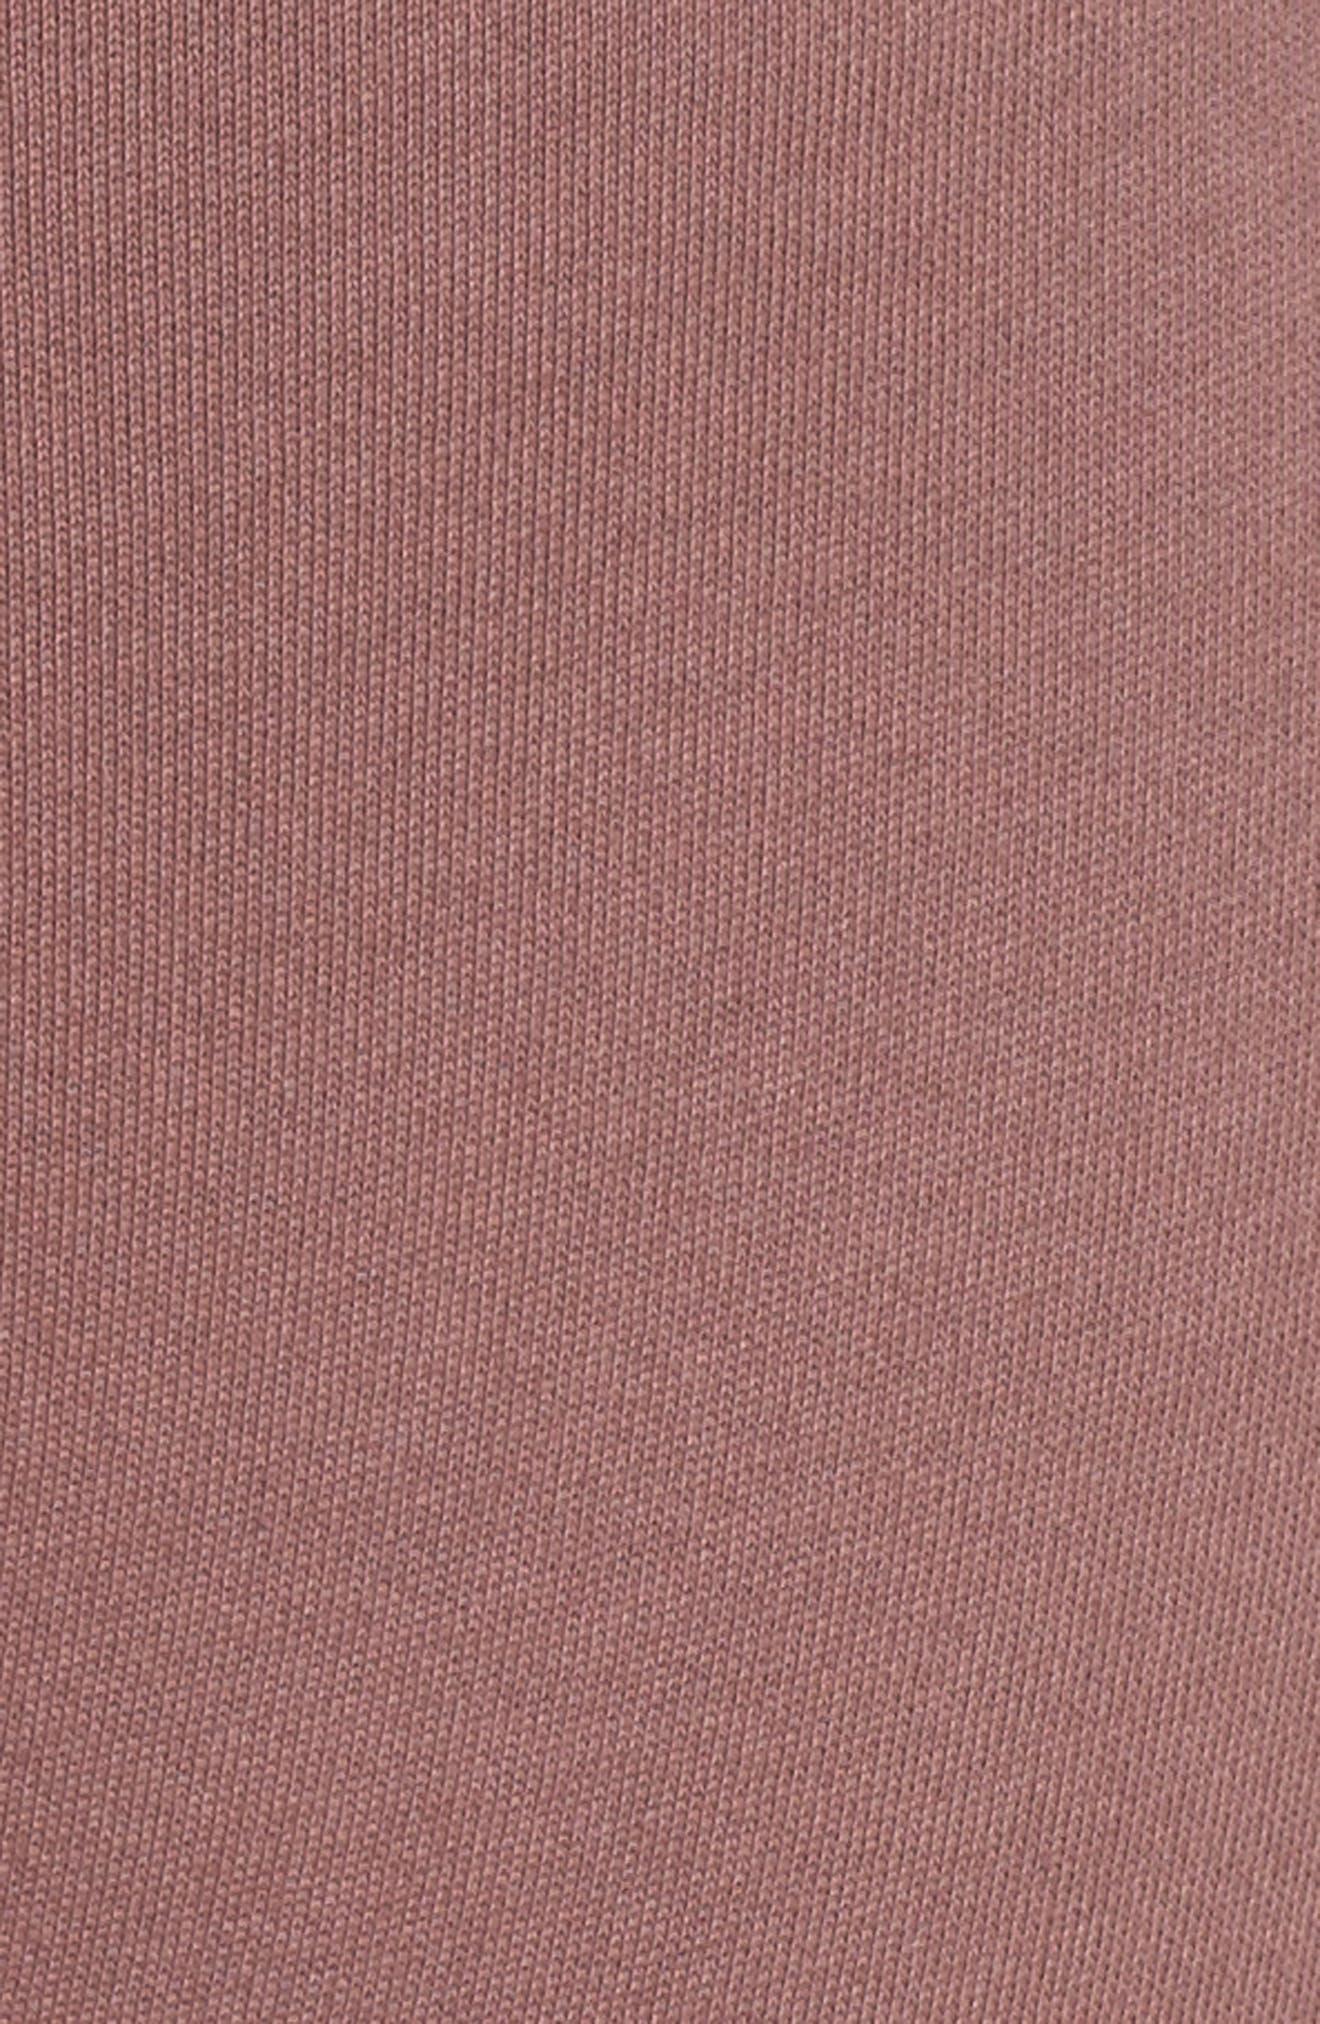 Lace Up Lounge Pants,                             Alternate thumbnail 10, color,